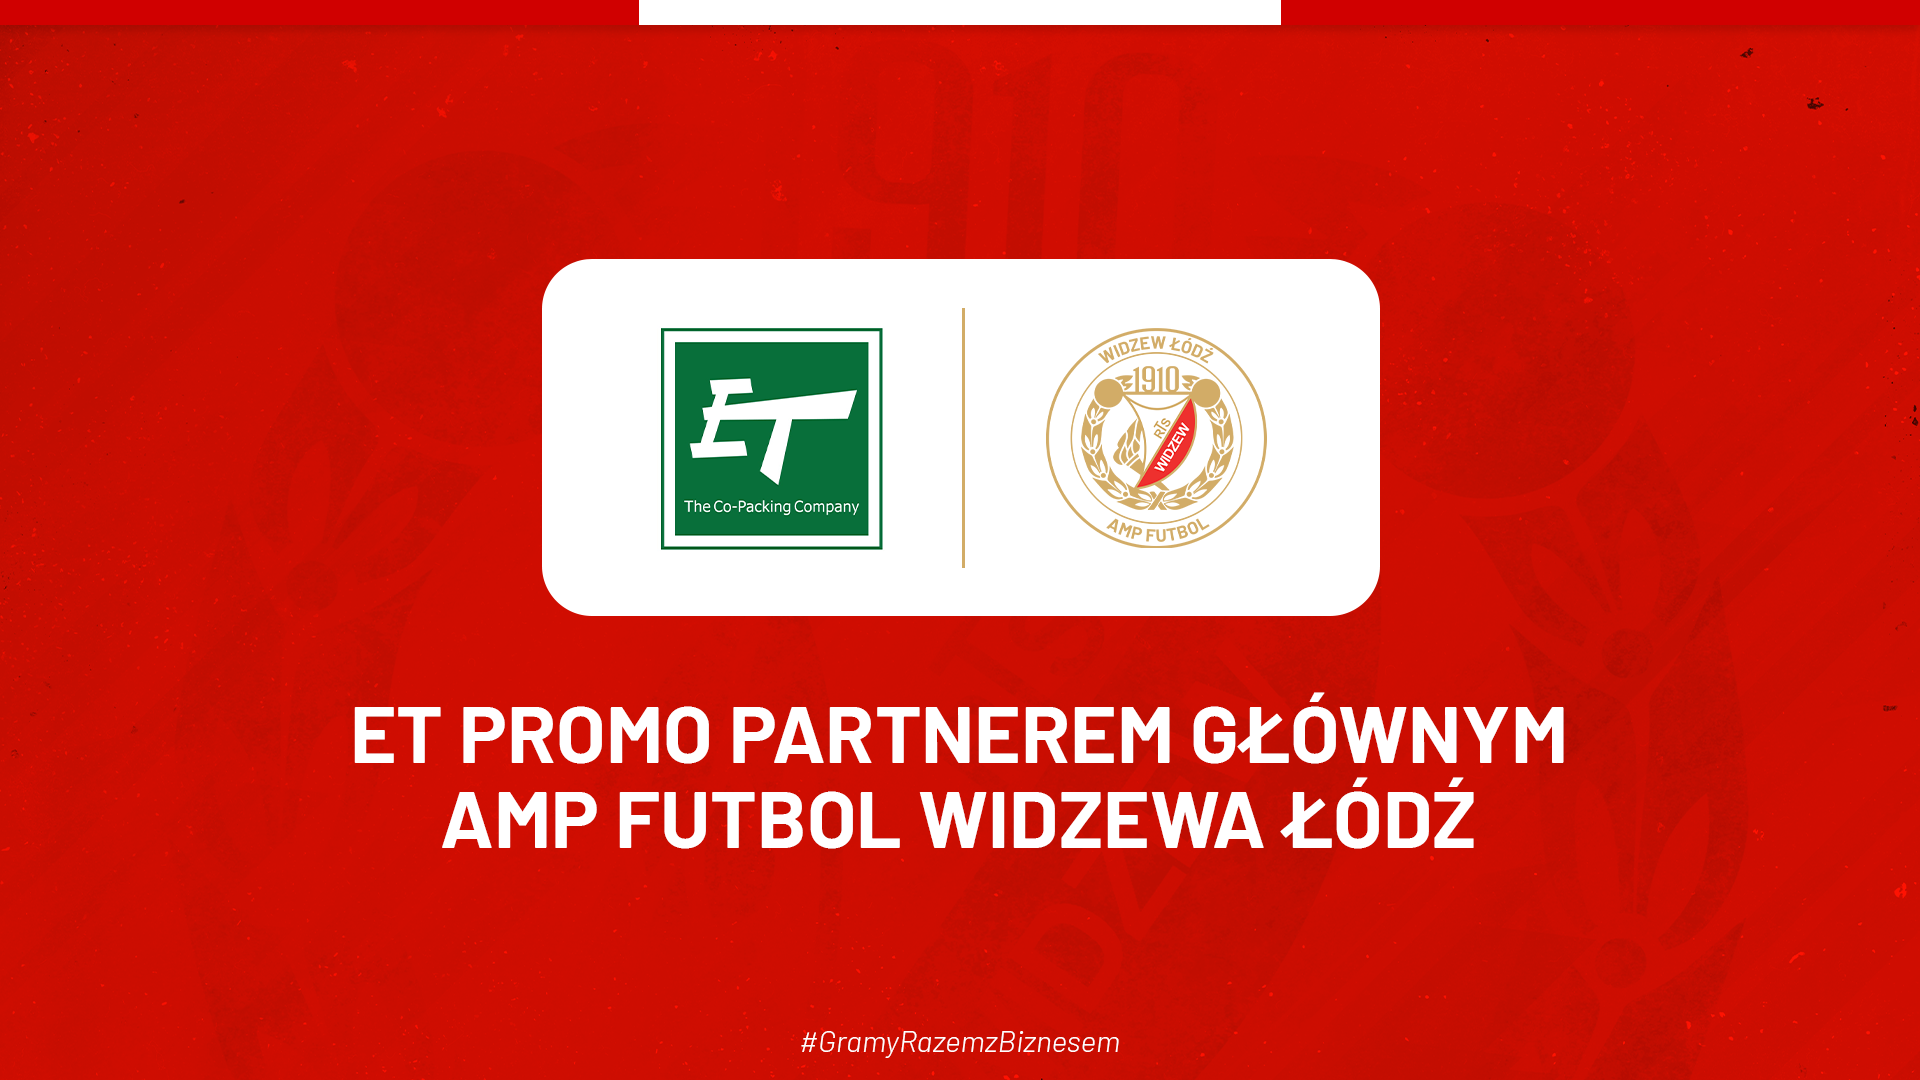 ET Promo partnerem głównym widzewskich amp-futbolistów